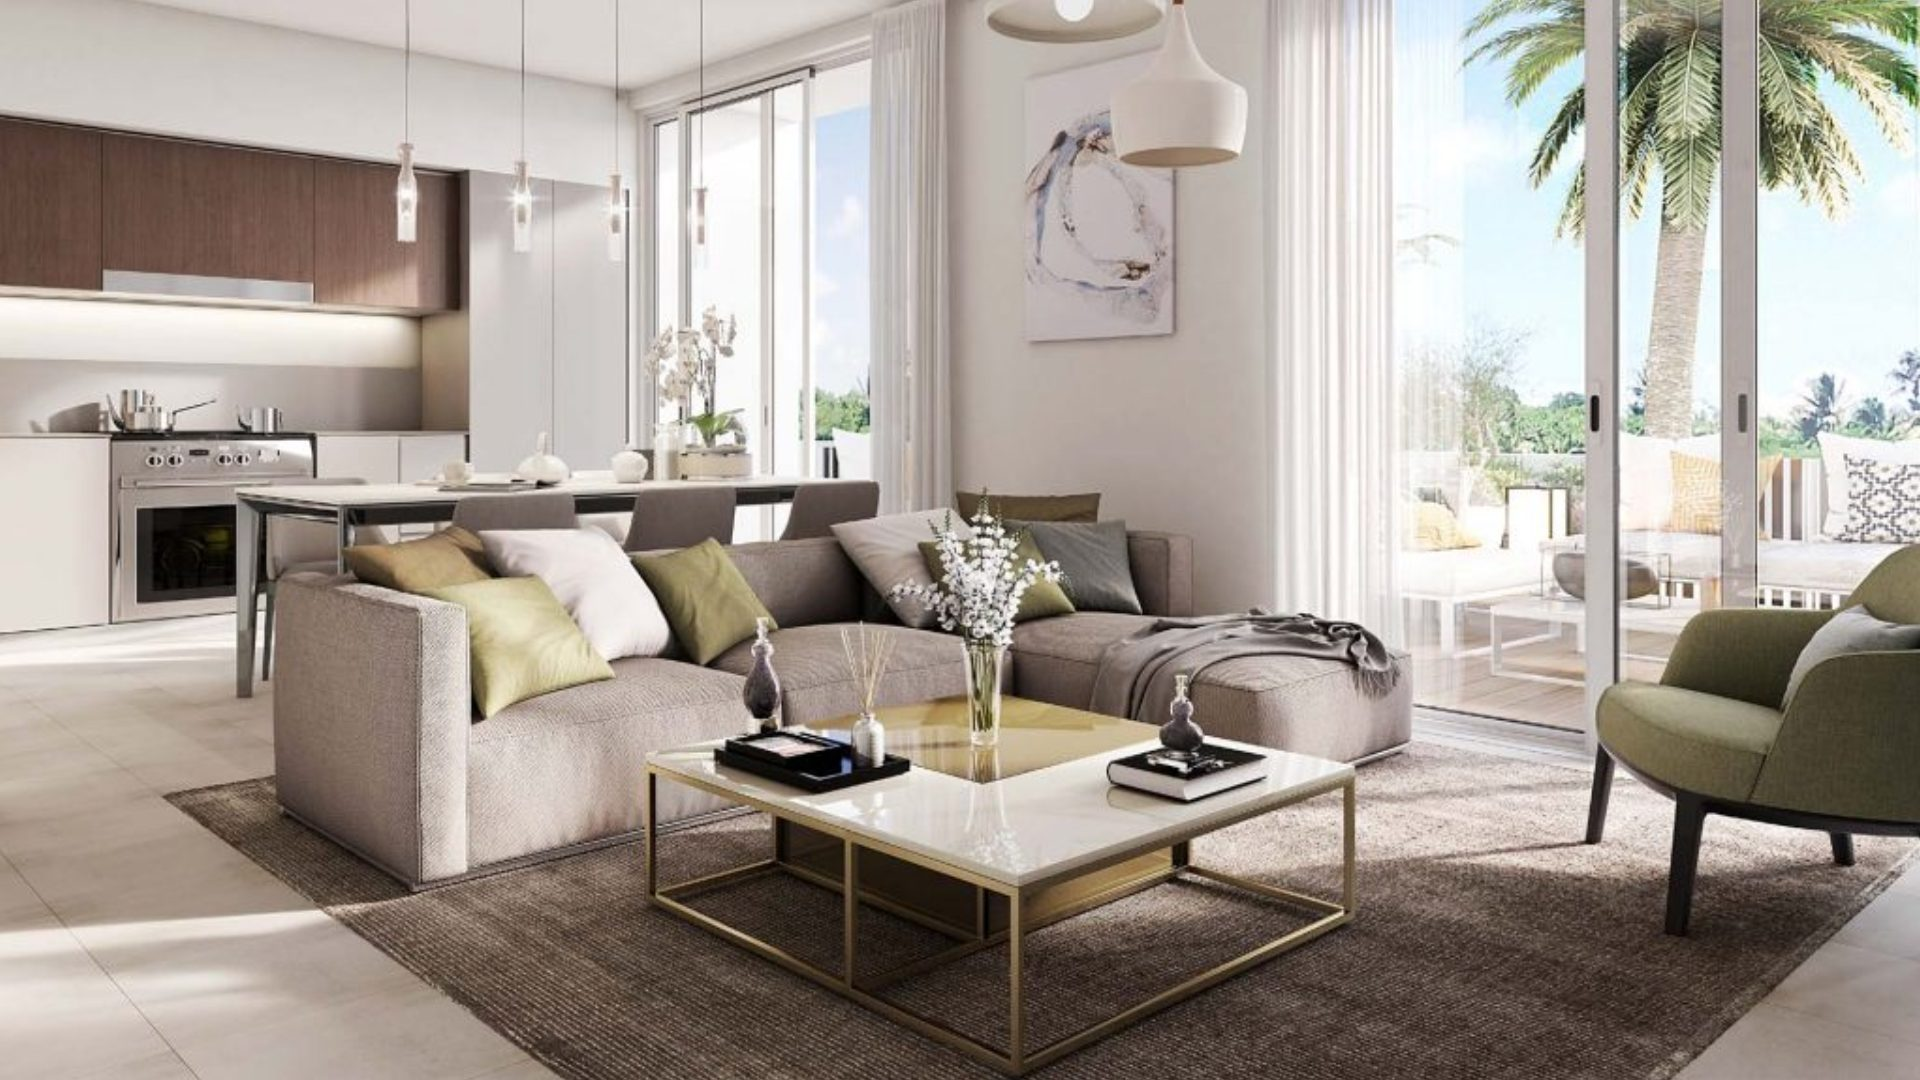 Villa en venta en Dubai, EAU, 3 dormitorios, 176 m2, № 24328 – foto 1